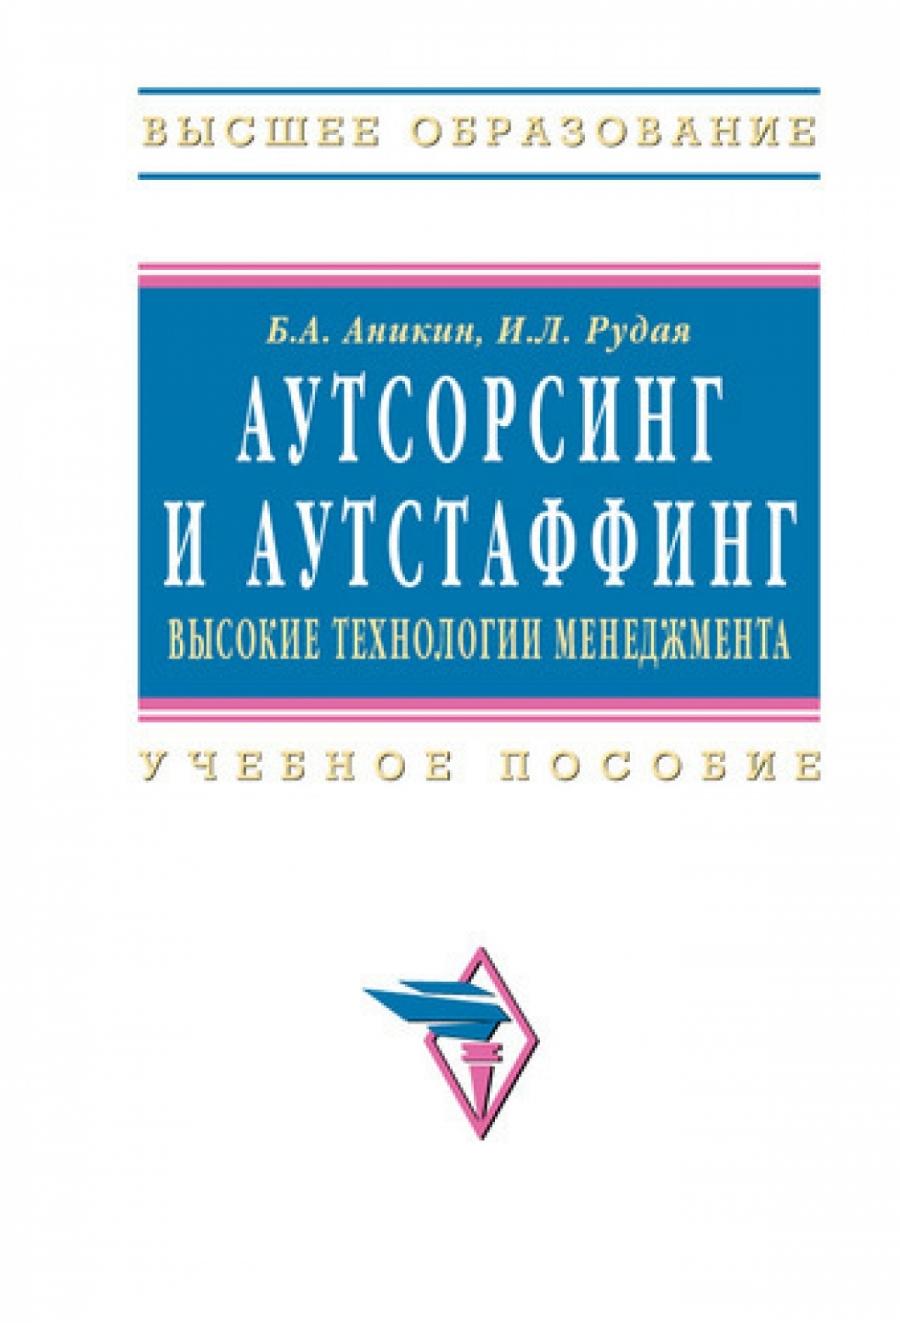 Обложка книги:  аникин б.а., рудая и.л. - аутсорсинг и аутстаффинг. высокие технологии менеджмента.